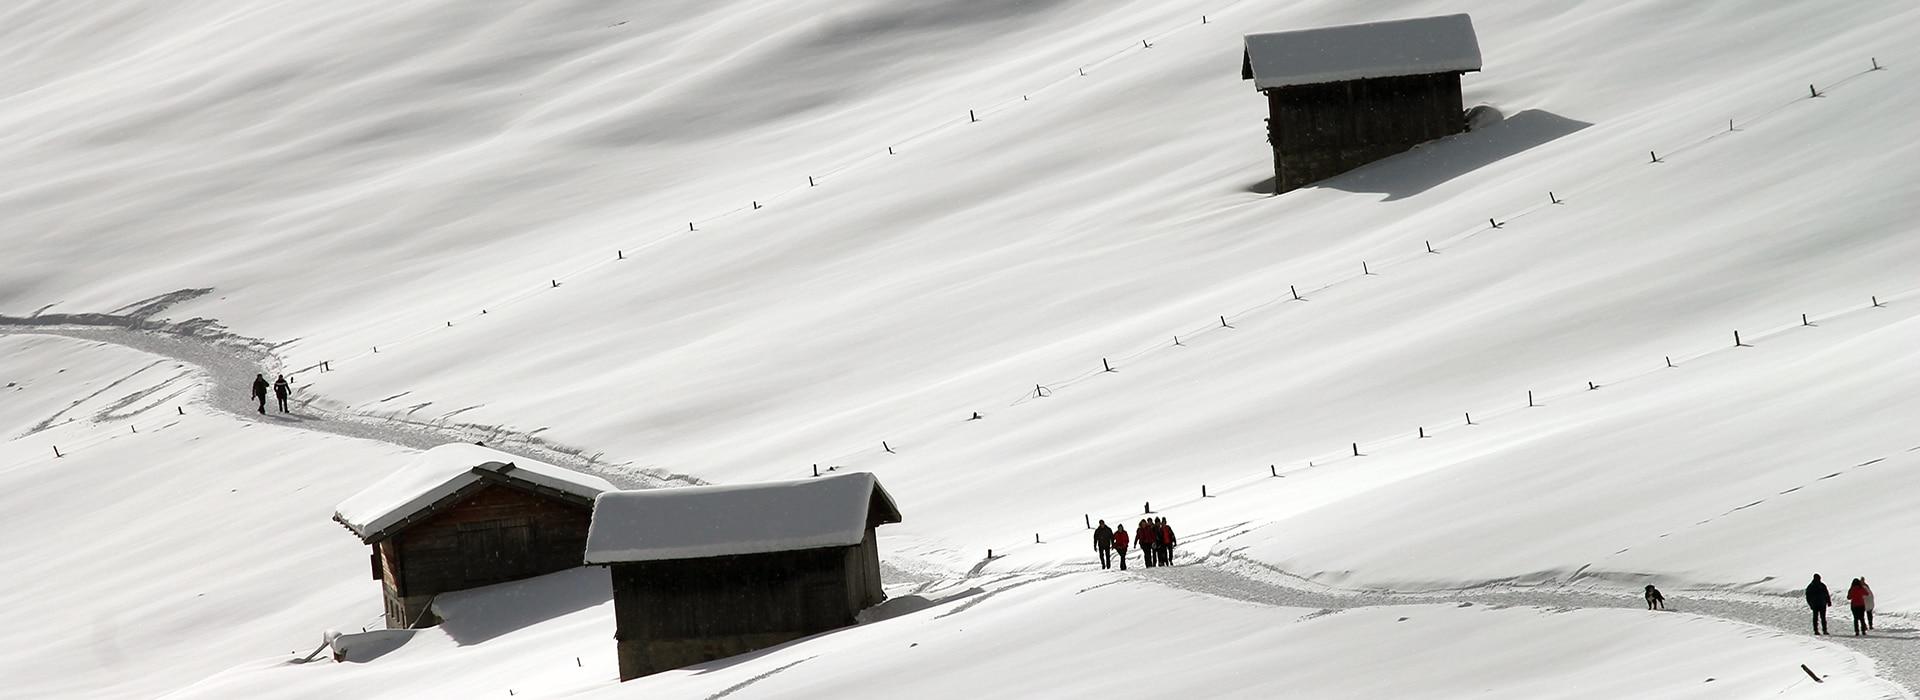 Winterwanderung Altfsstal - Meransen Südtirol